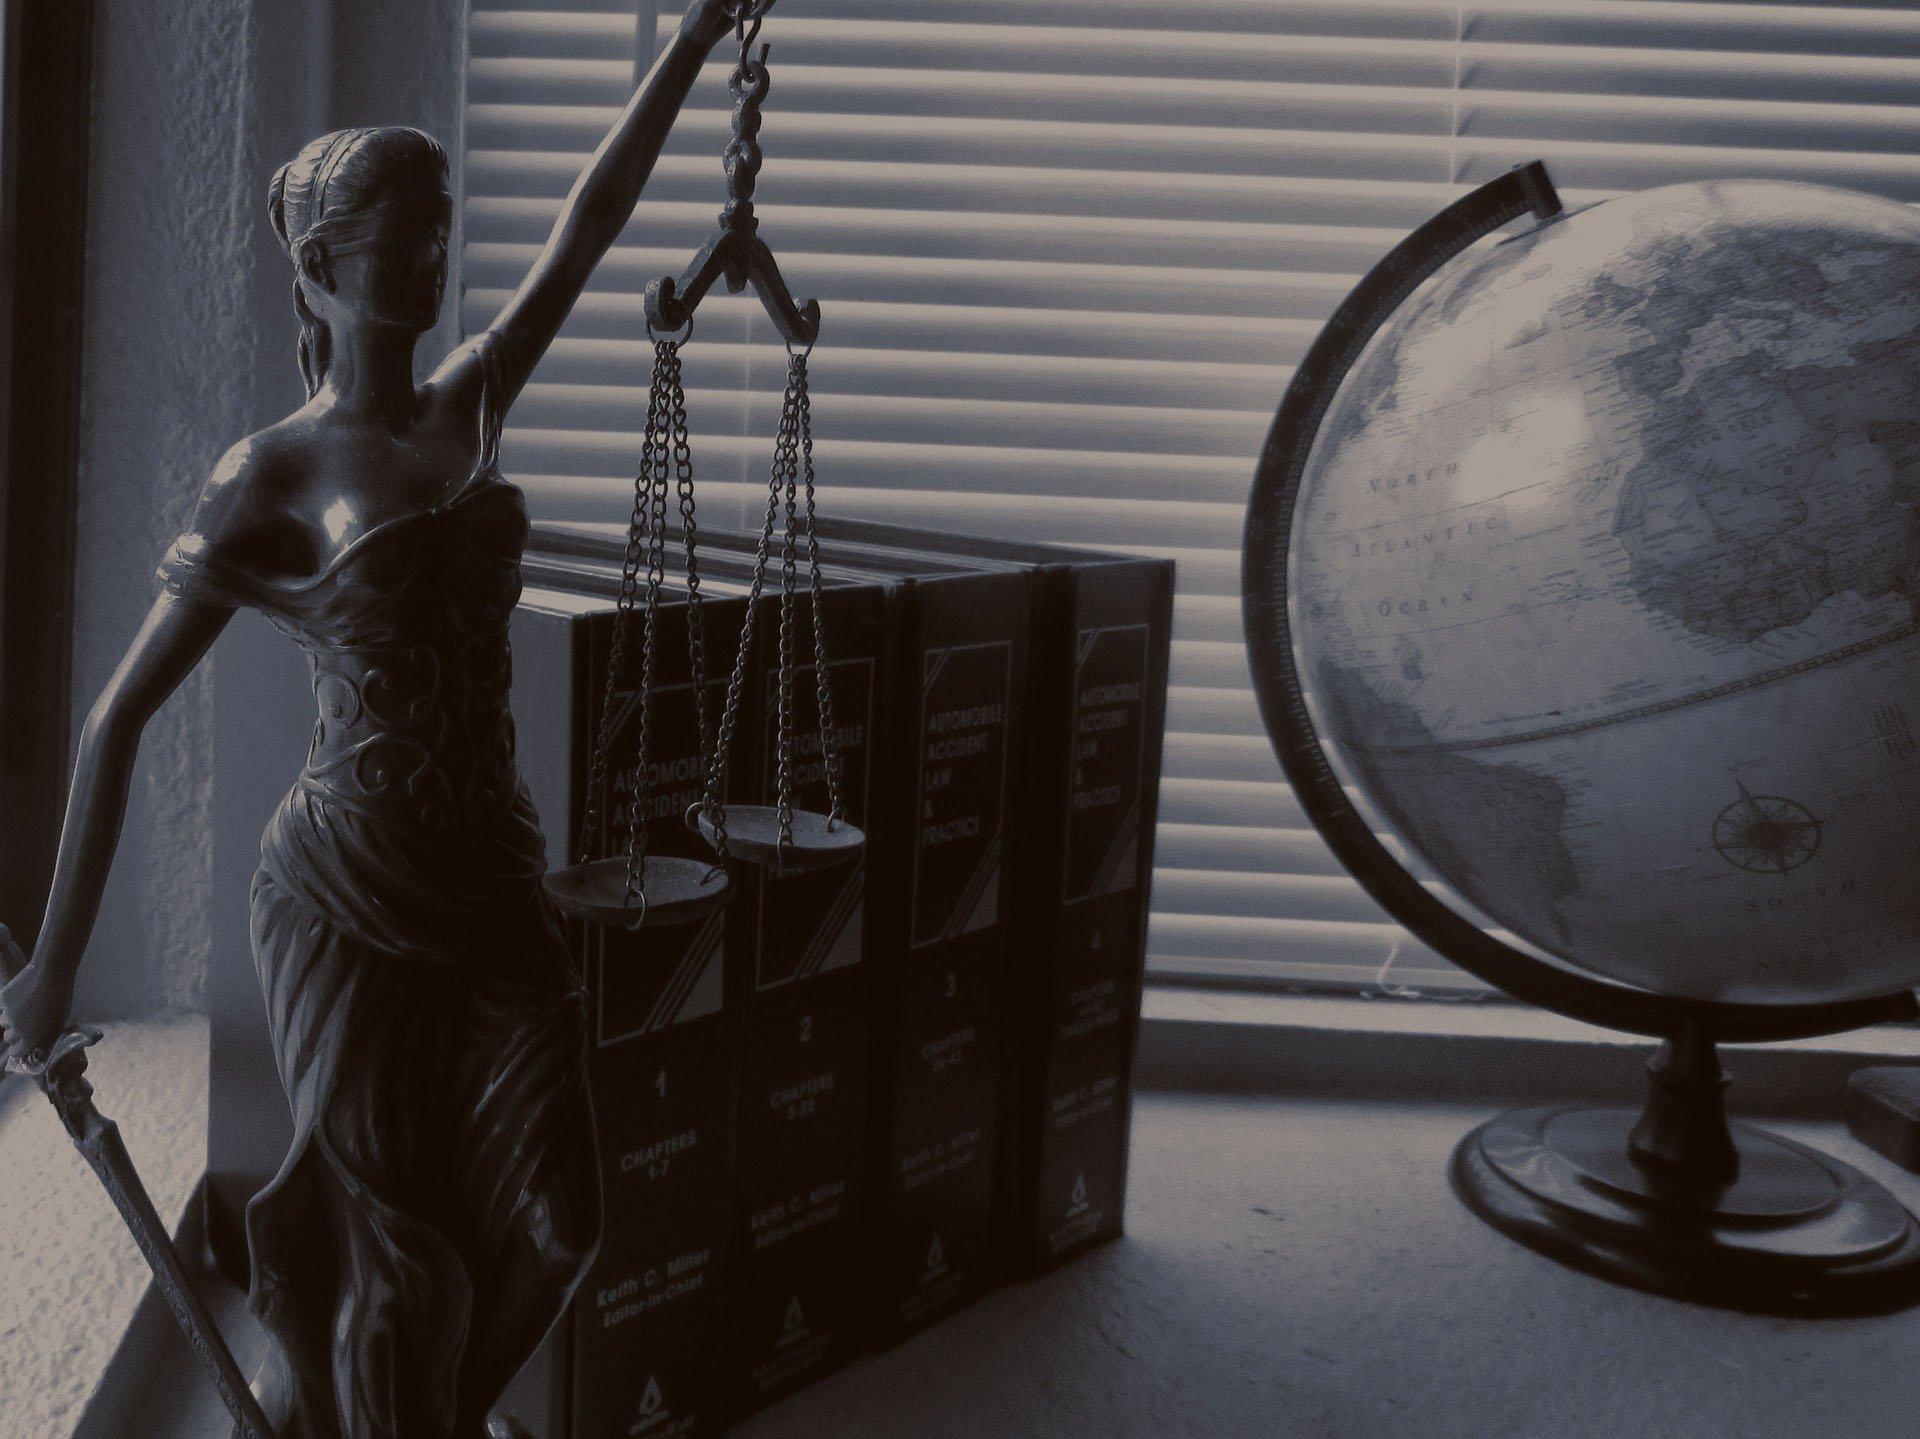 юридические консультации по земельным вопросам минск